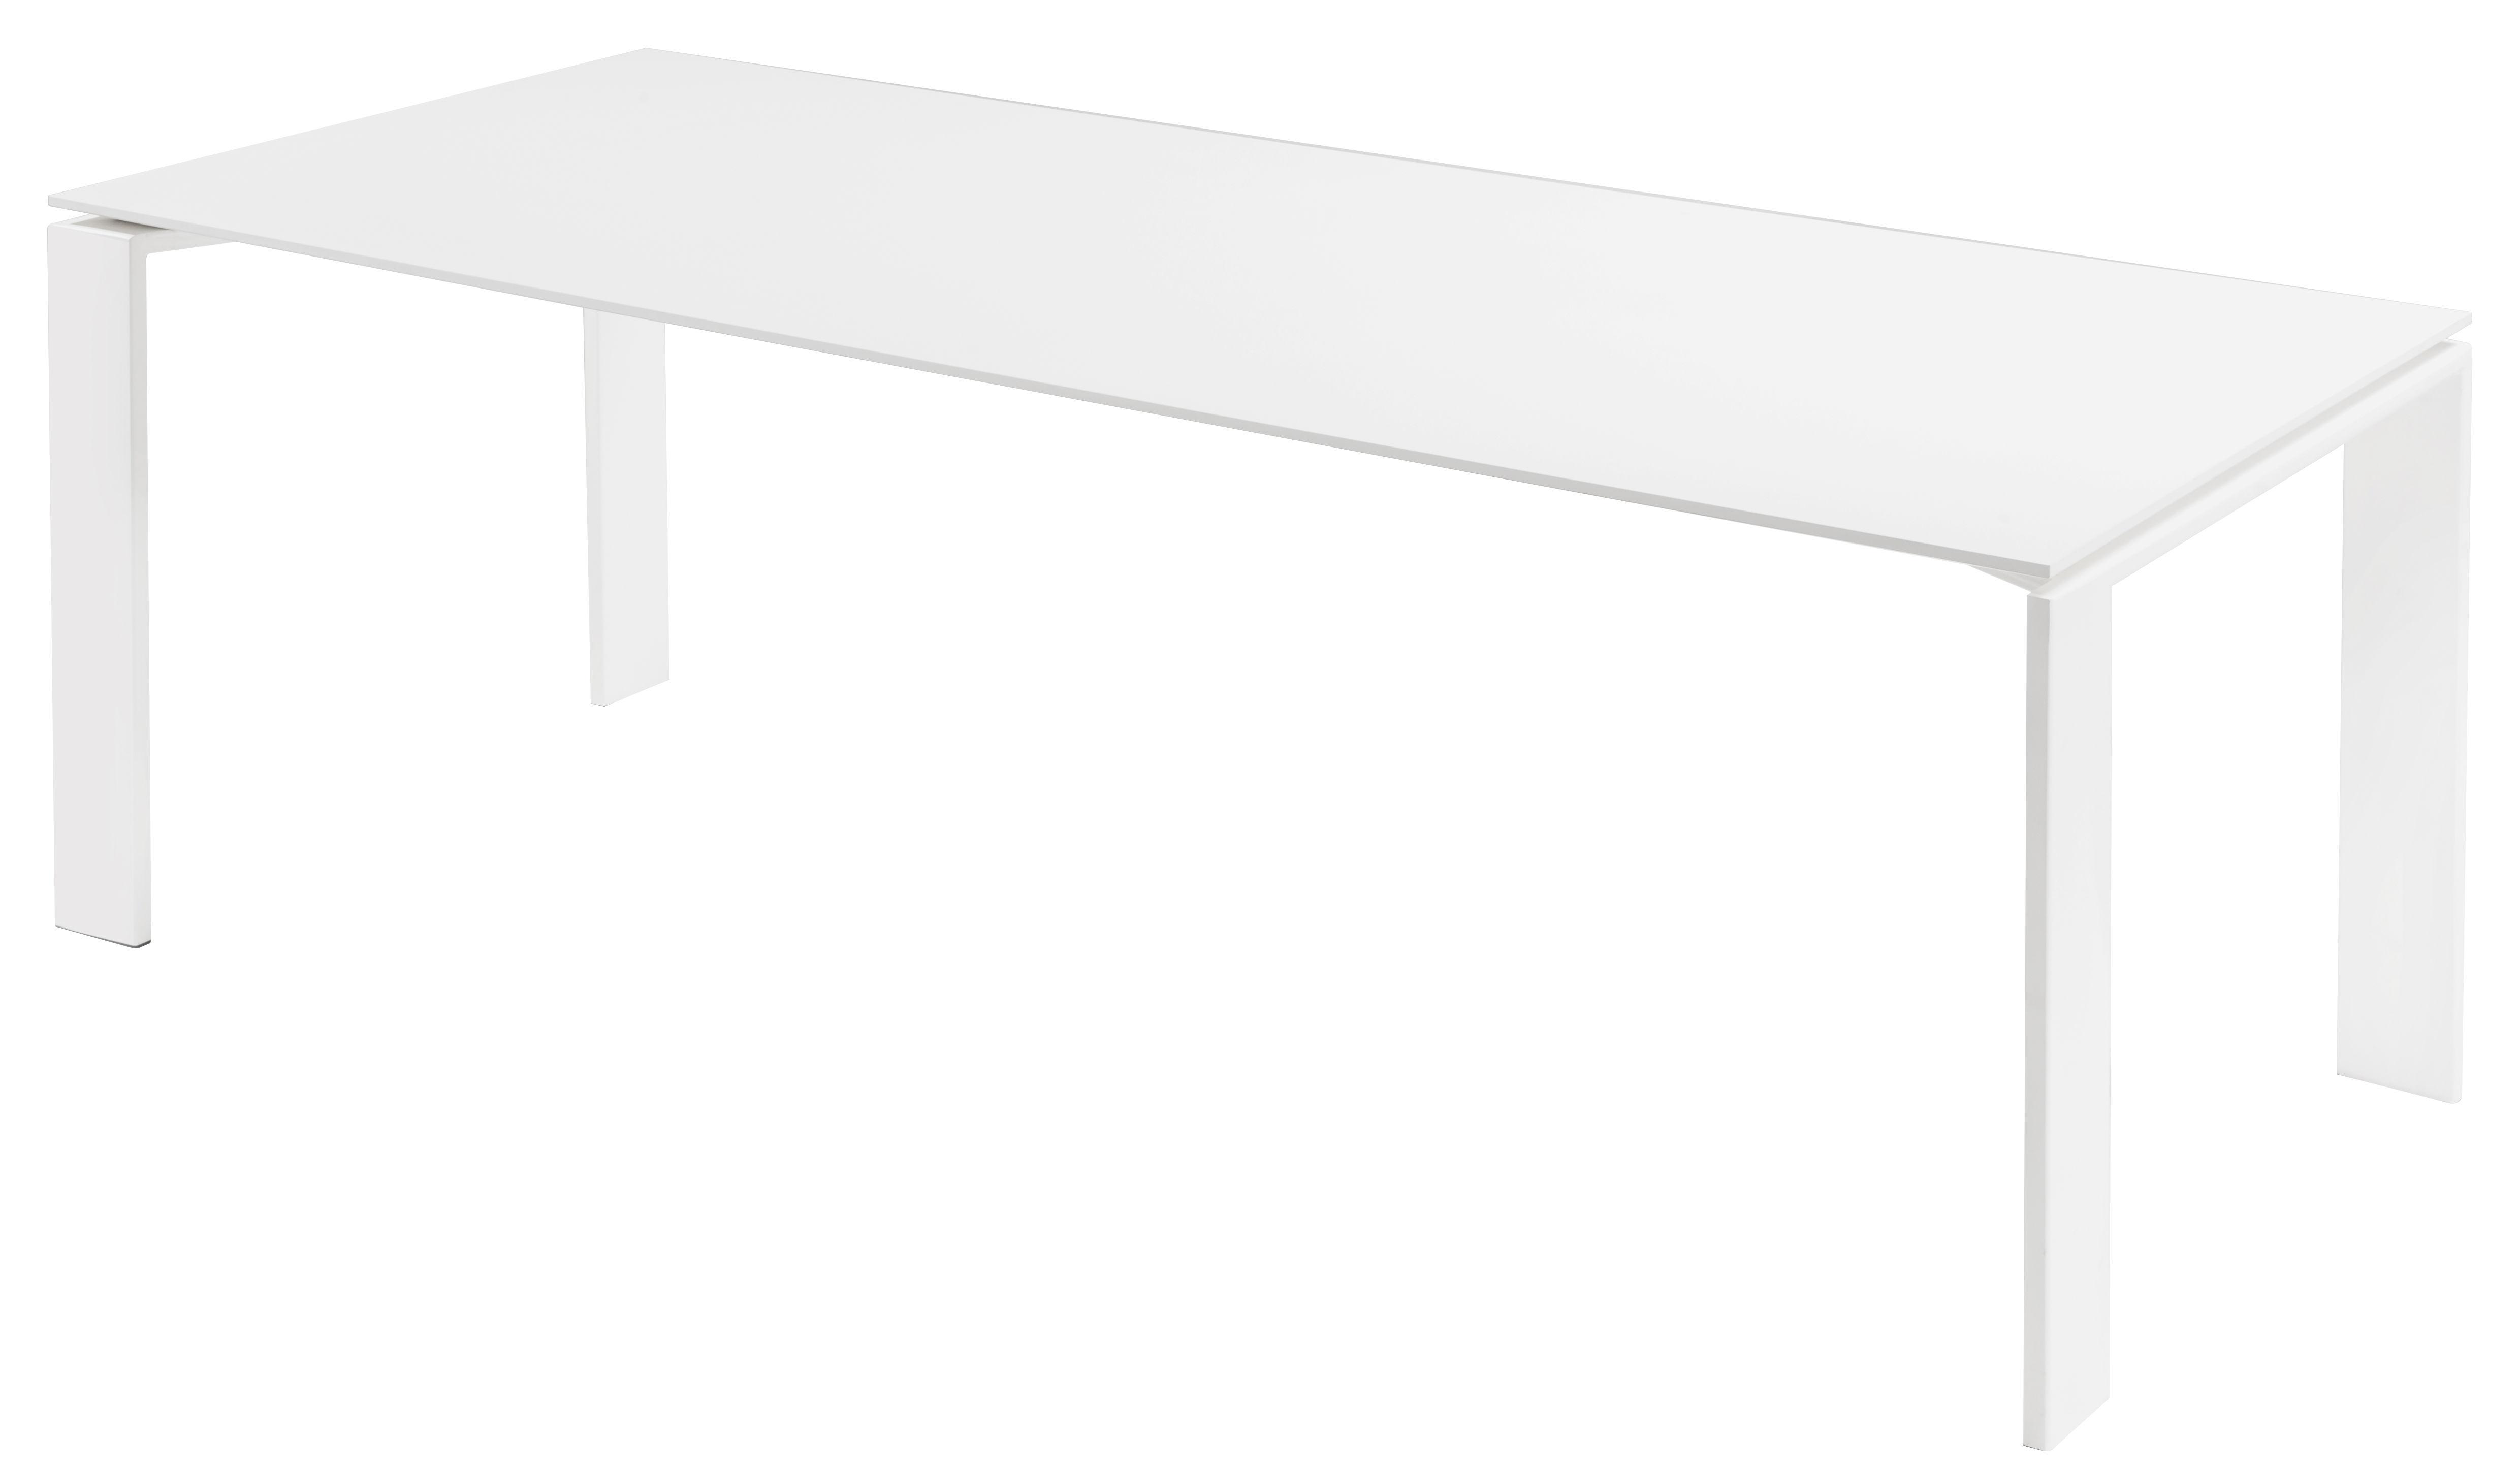 Outdoor - Tavoli  - Tavolo rettangolare Four Outdoor - / L 190 cm di Kartell - L 190 cm / Bianco - Acciaio verniciato